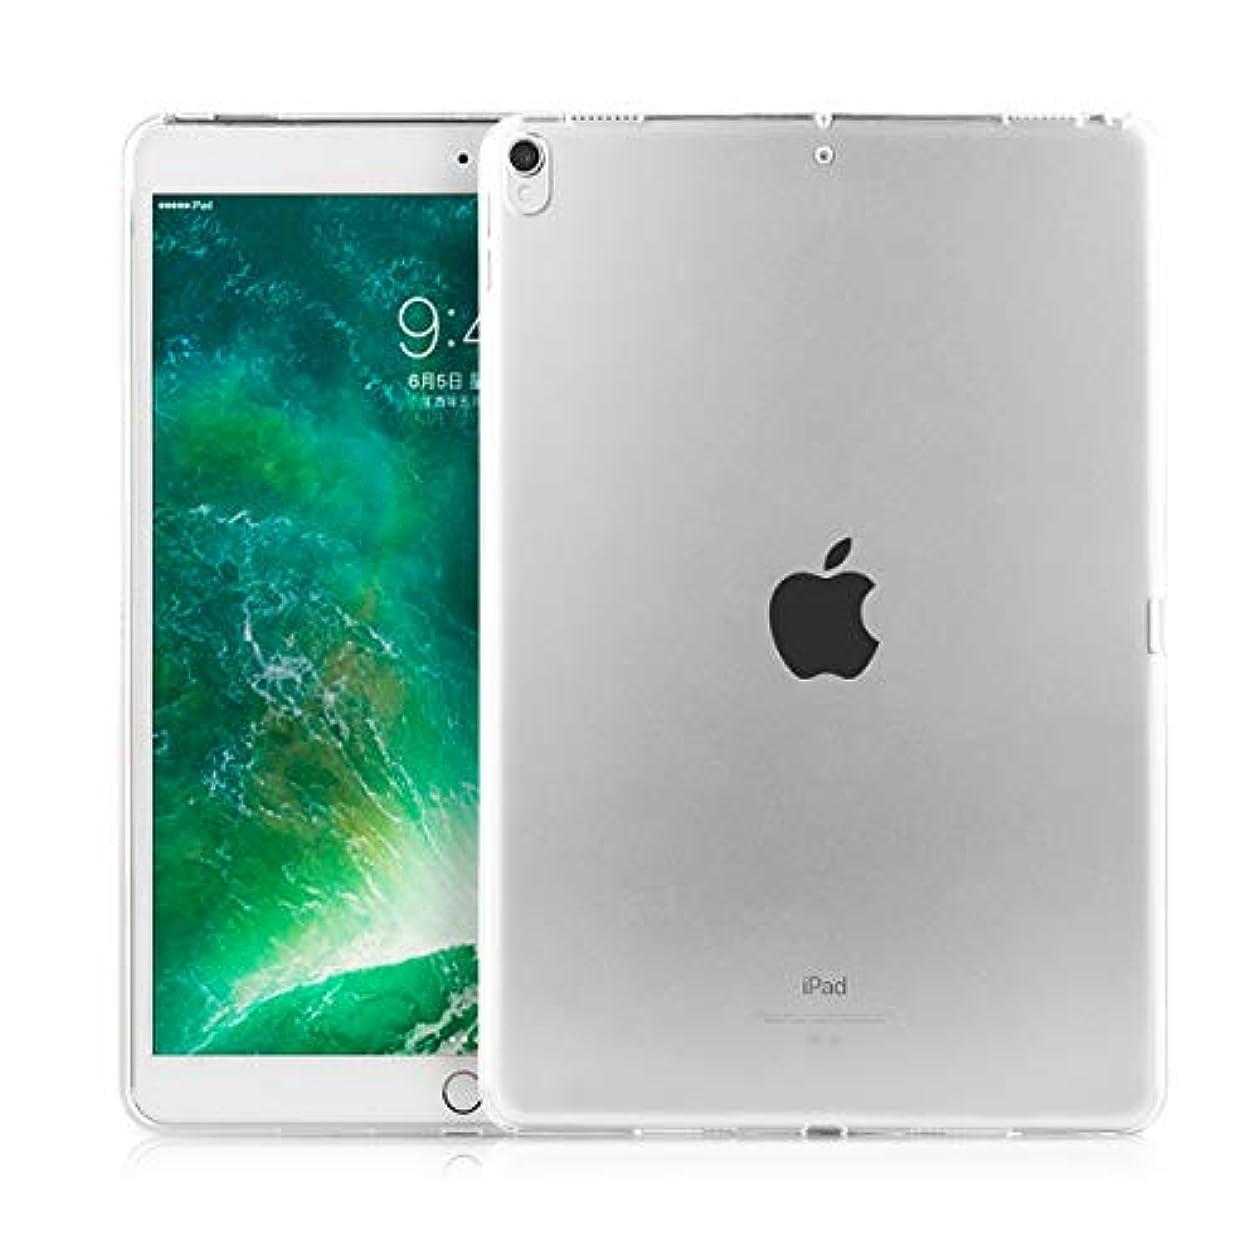 大統領精算方程式[Kotech] iPad Air 10.5 ケース クリア ソフト 耐衝撃 極薄型 黄変防止 iPad Air 10.5 保護カバー iPad Air 10.5 2019 バンパー